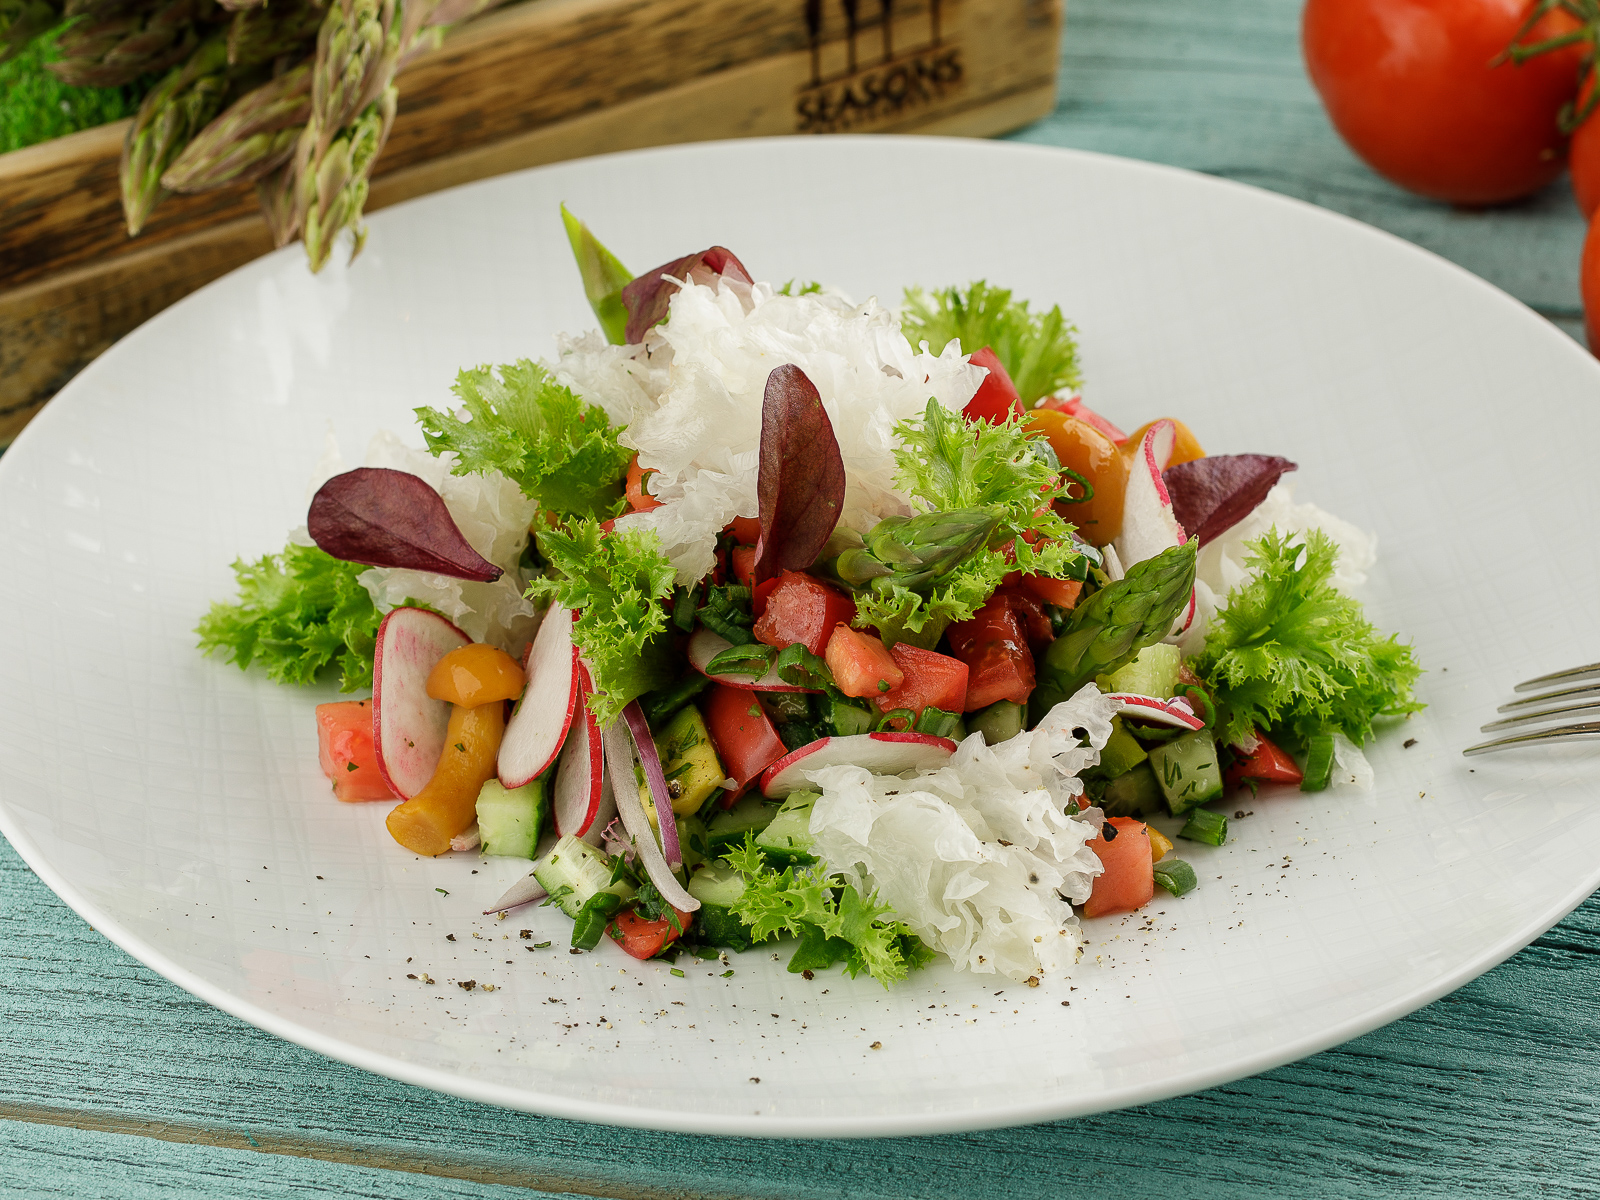 Салат со спаржей, древесными грибами и опятами